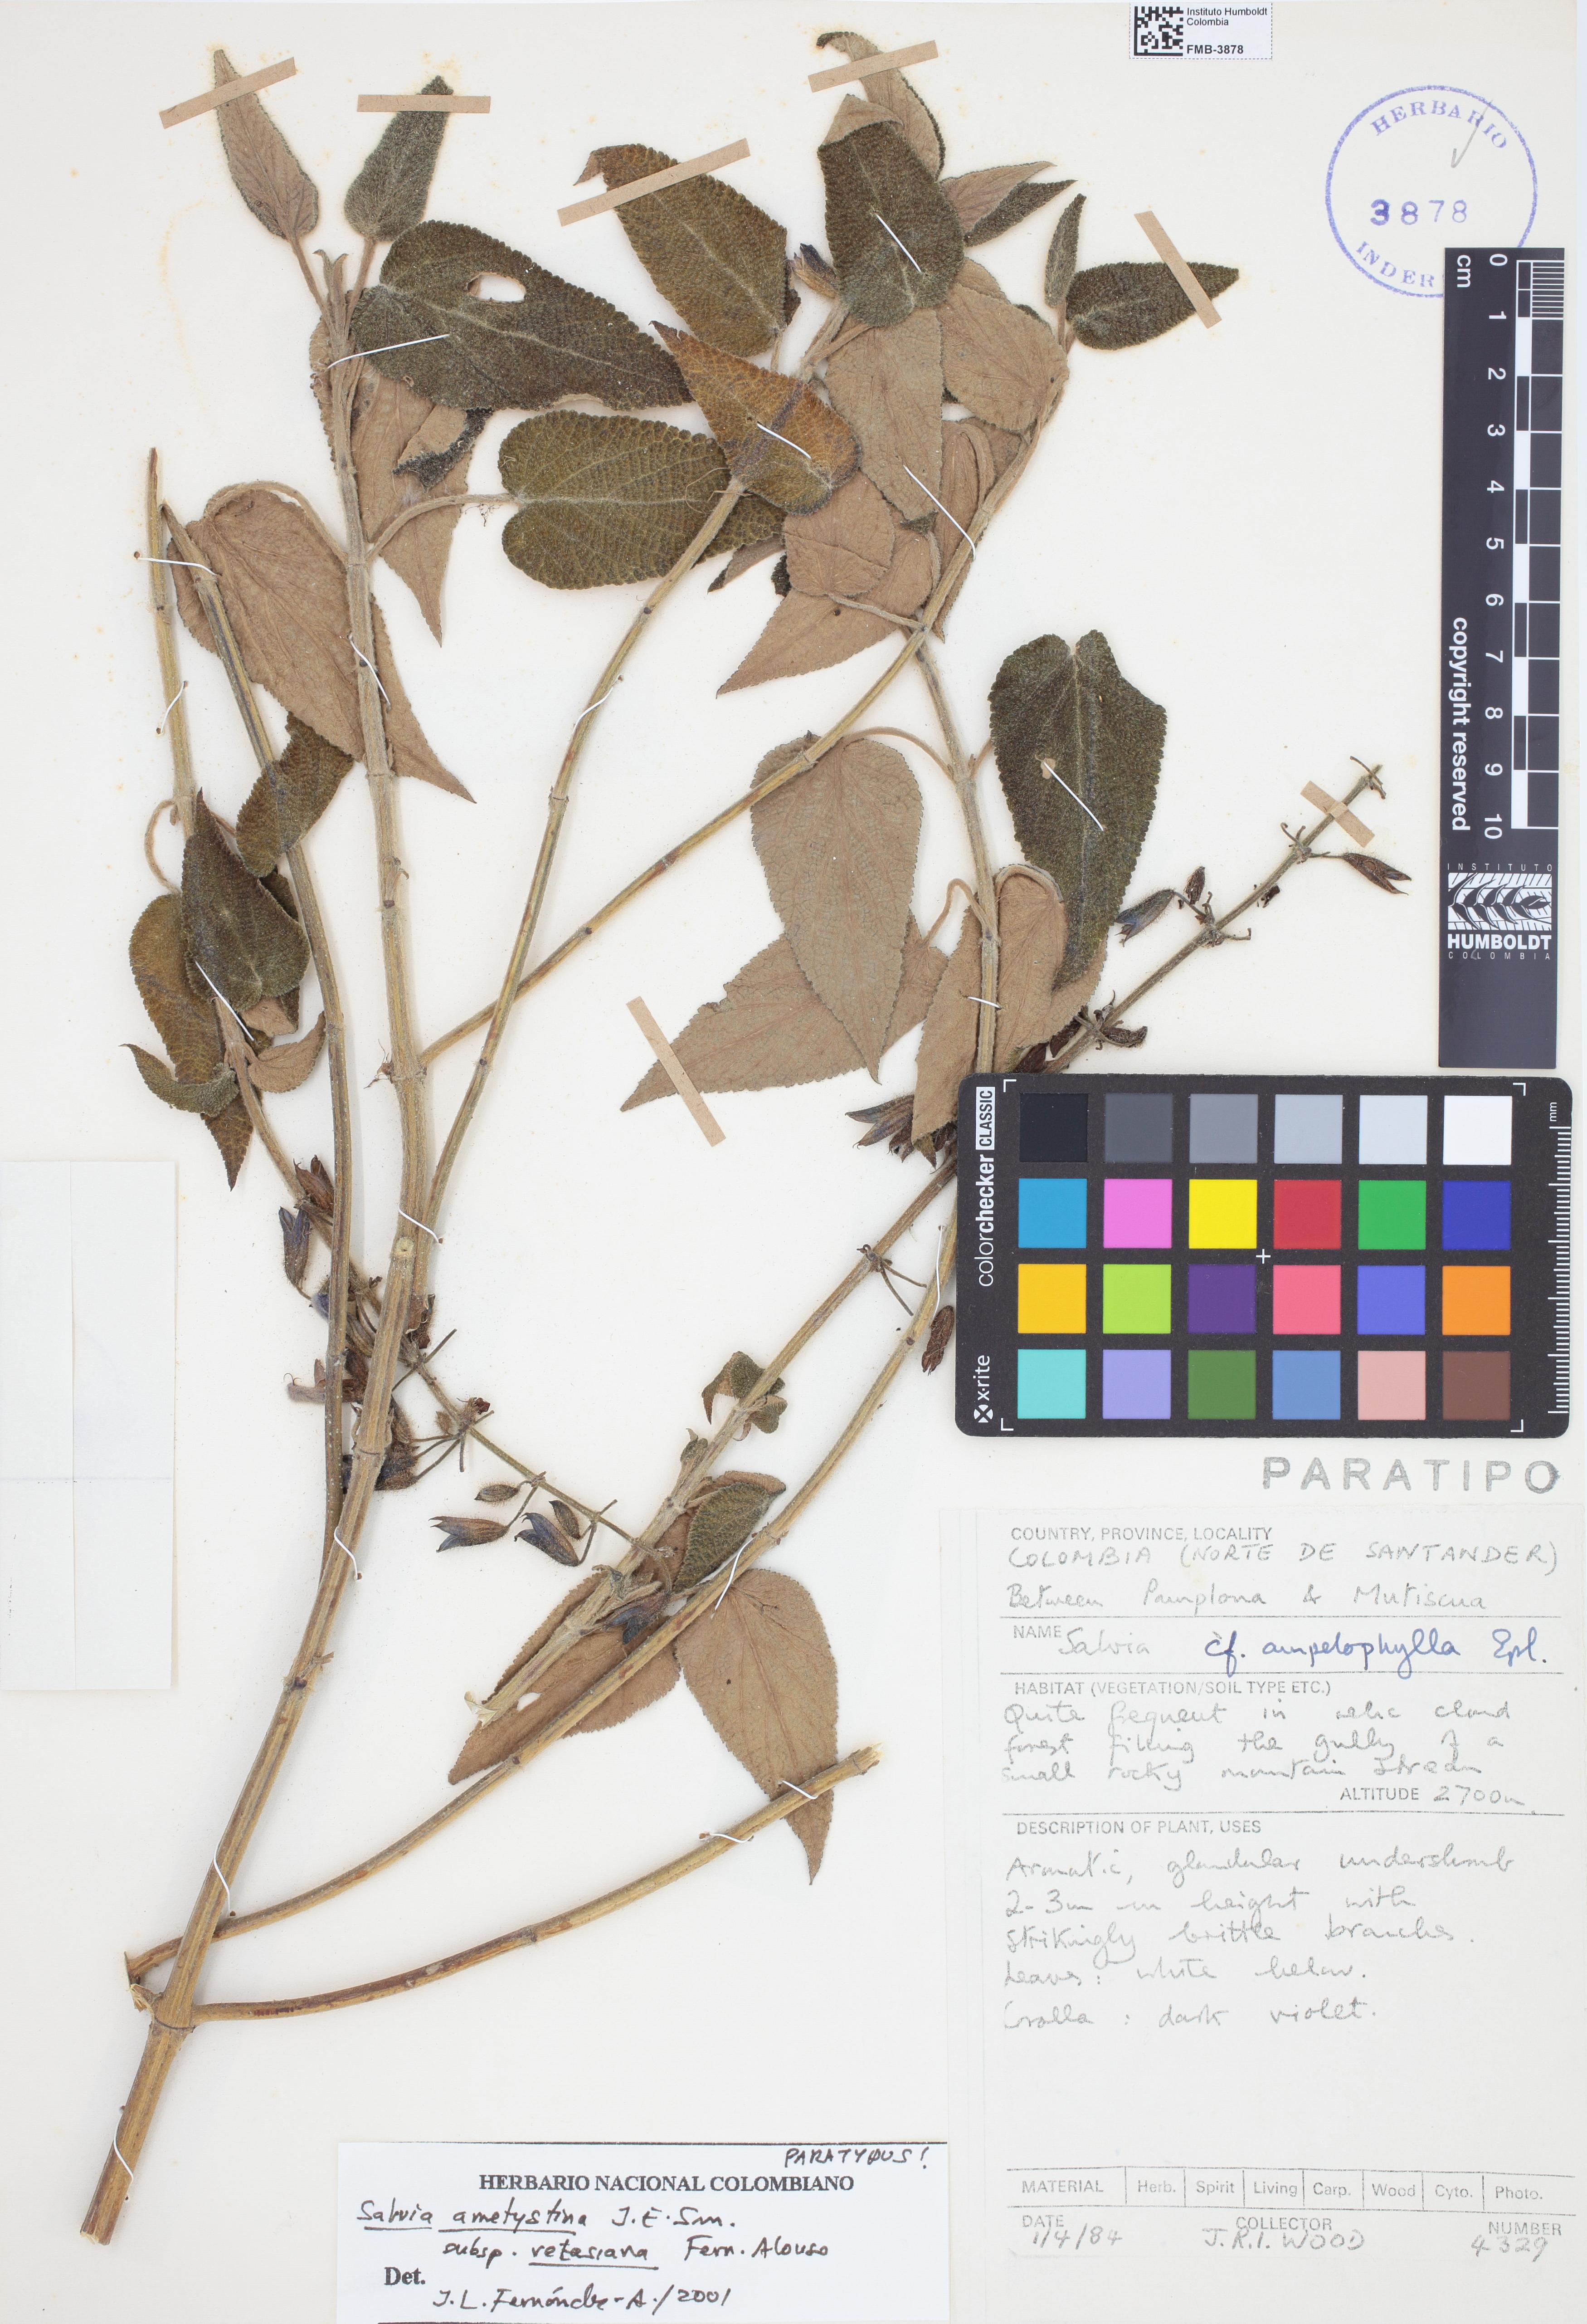 Paratipo de <em>Salvia amethystina</em> subsp. <em>vetasiana</em>, FMB-3878, Fotografía por Robles A.